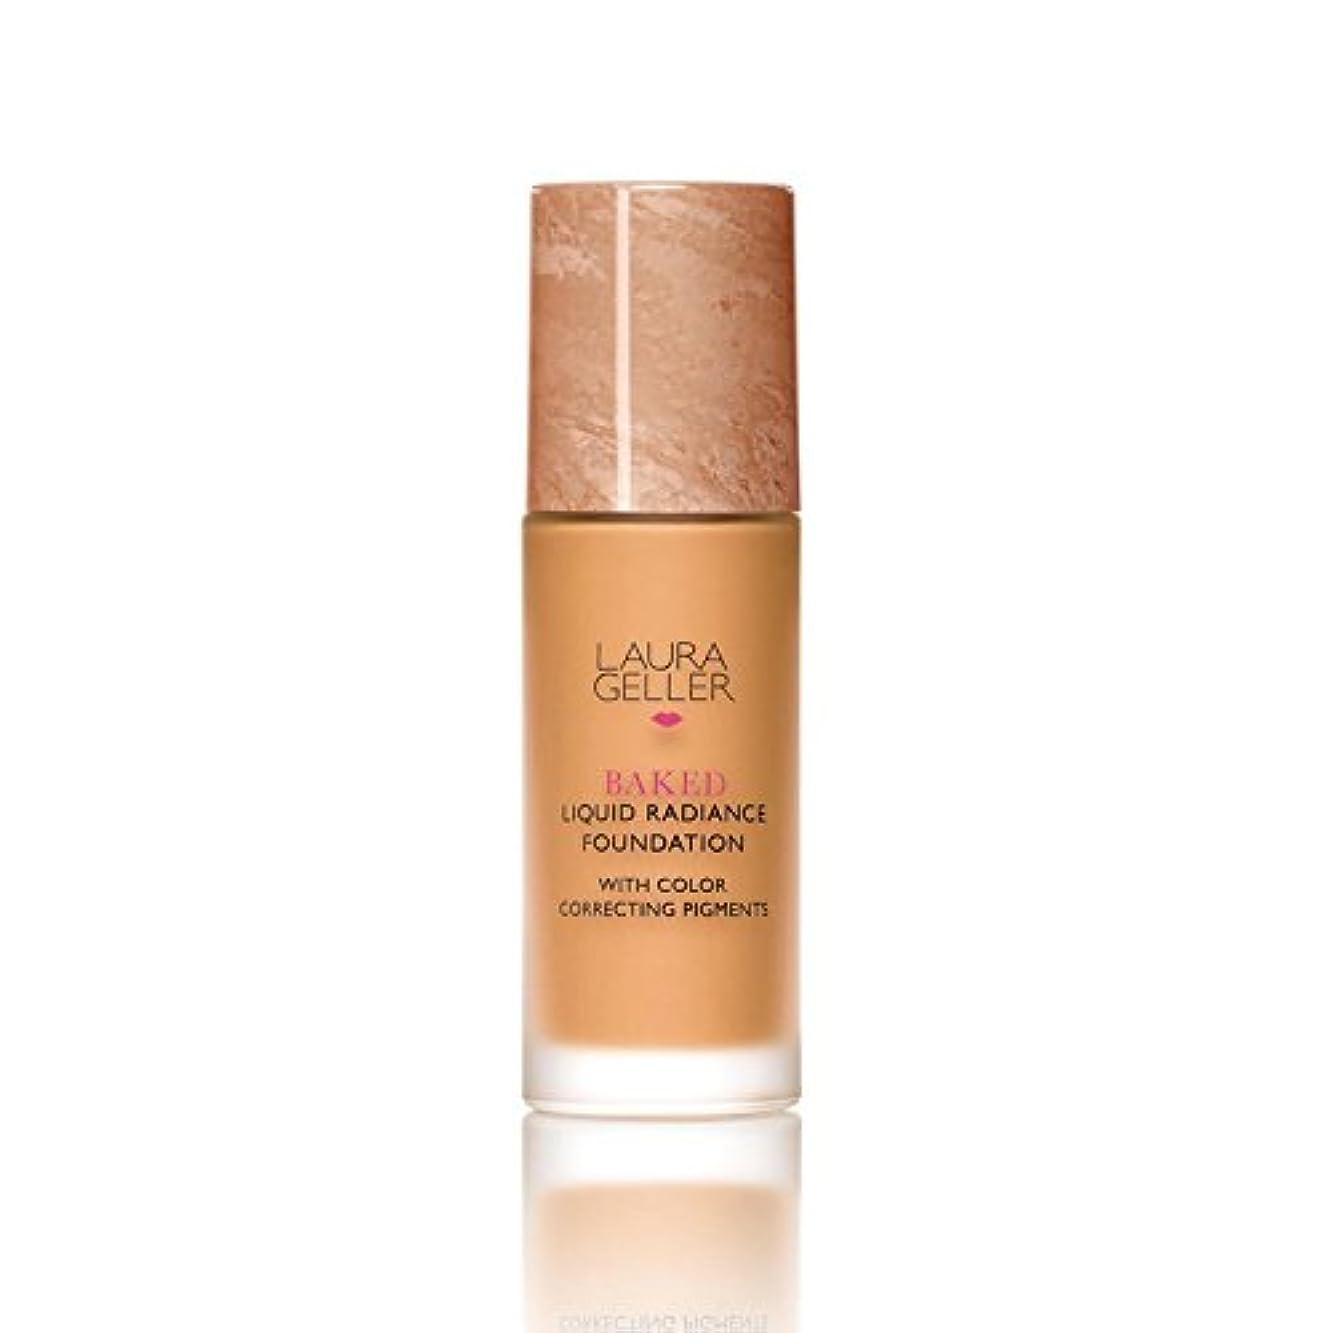 下に向けます刺激するガイドラインLaura Geller New York Baked Liquid Radiance Foundation Tan (Pack of 6) - ローラ?ゲラーニューヨーク焼いた液体放射輝度基盤日焼け x6 [並行輸入品]